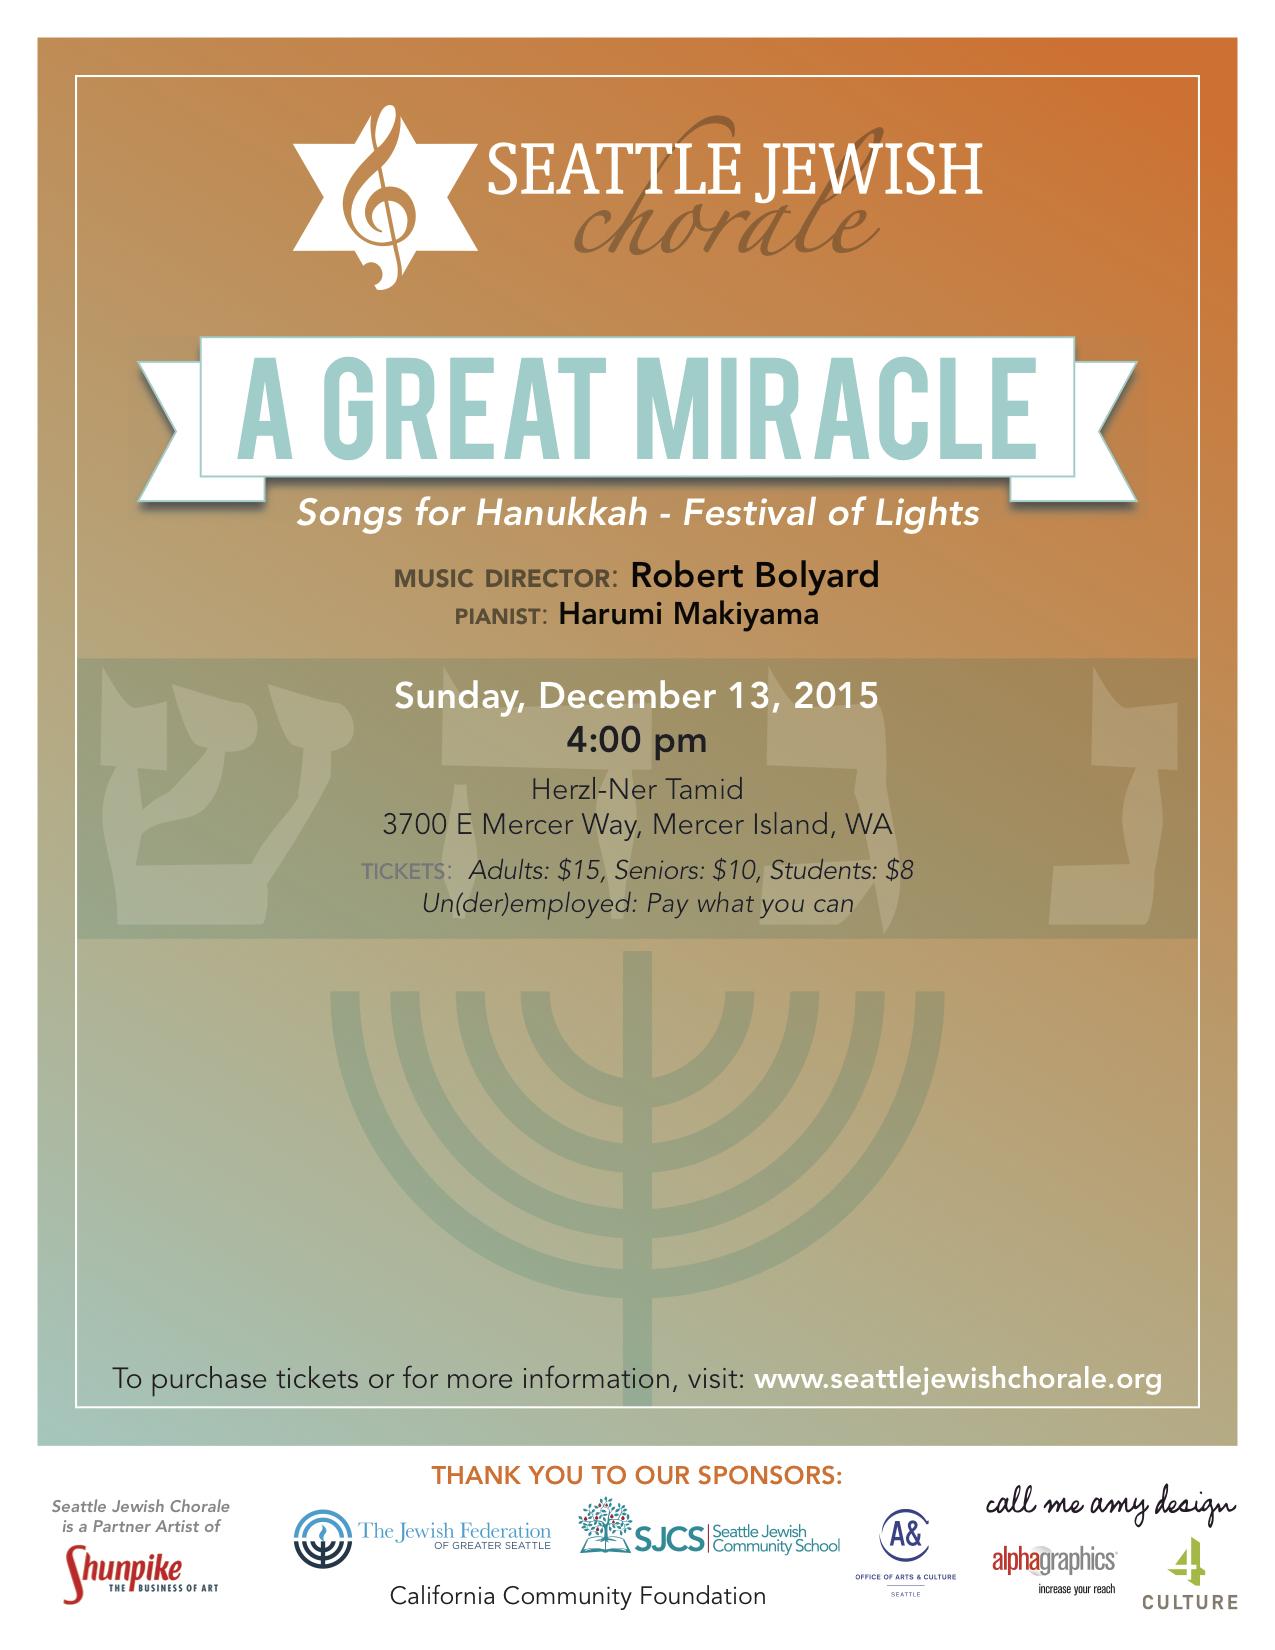 Hanukkah Poster 2015.FINAL.jpg